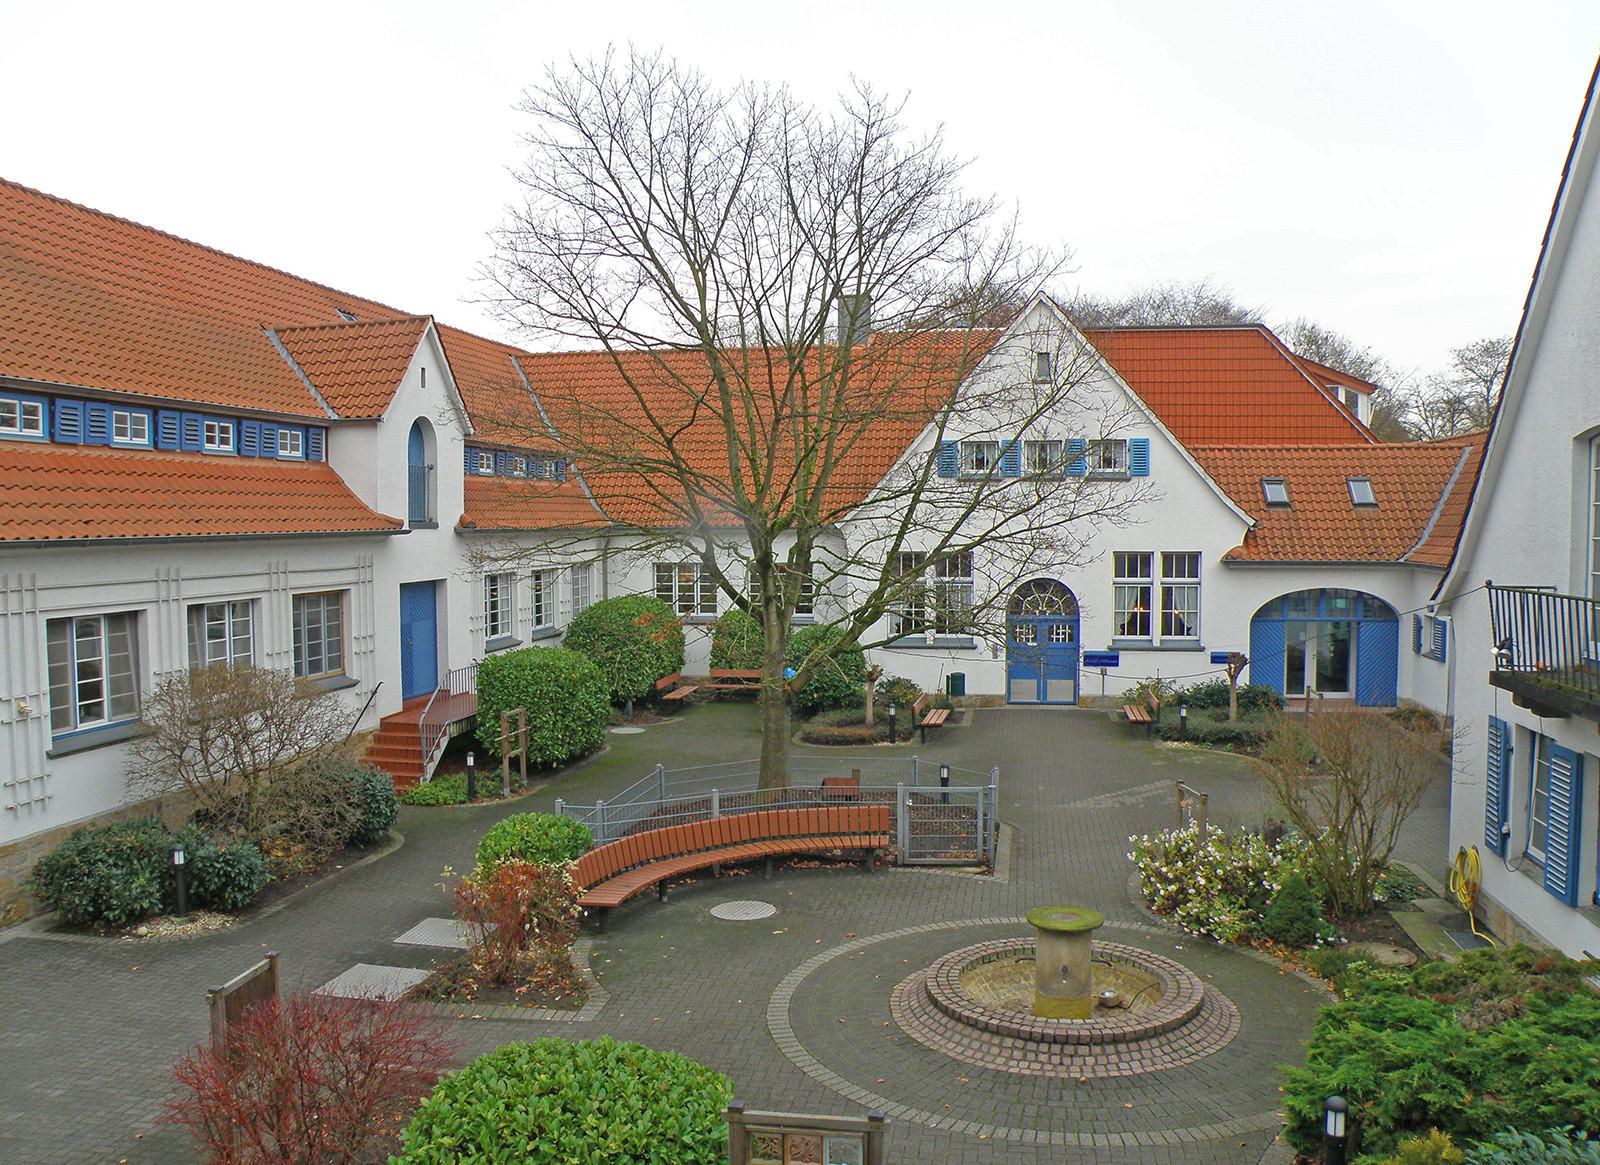 Haus Domhof Gütersloh in Gütersloh auf Wohnen im Alter